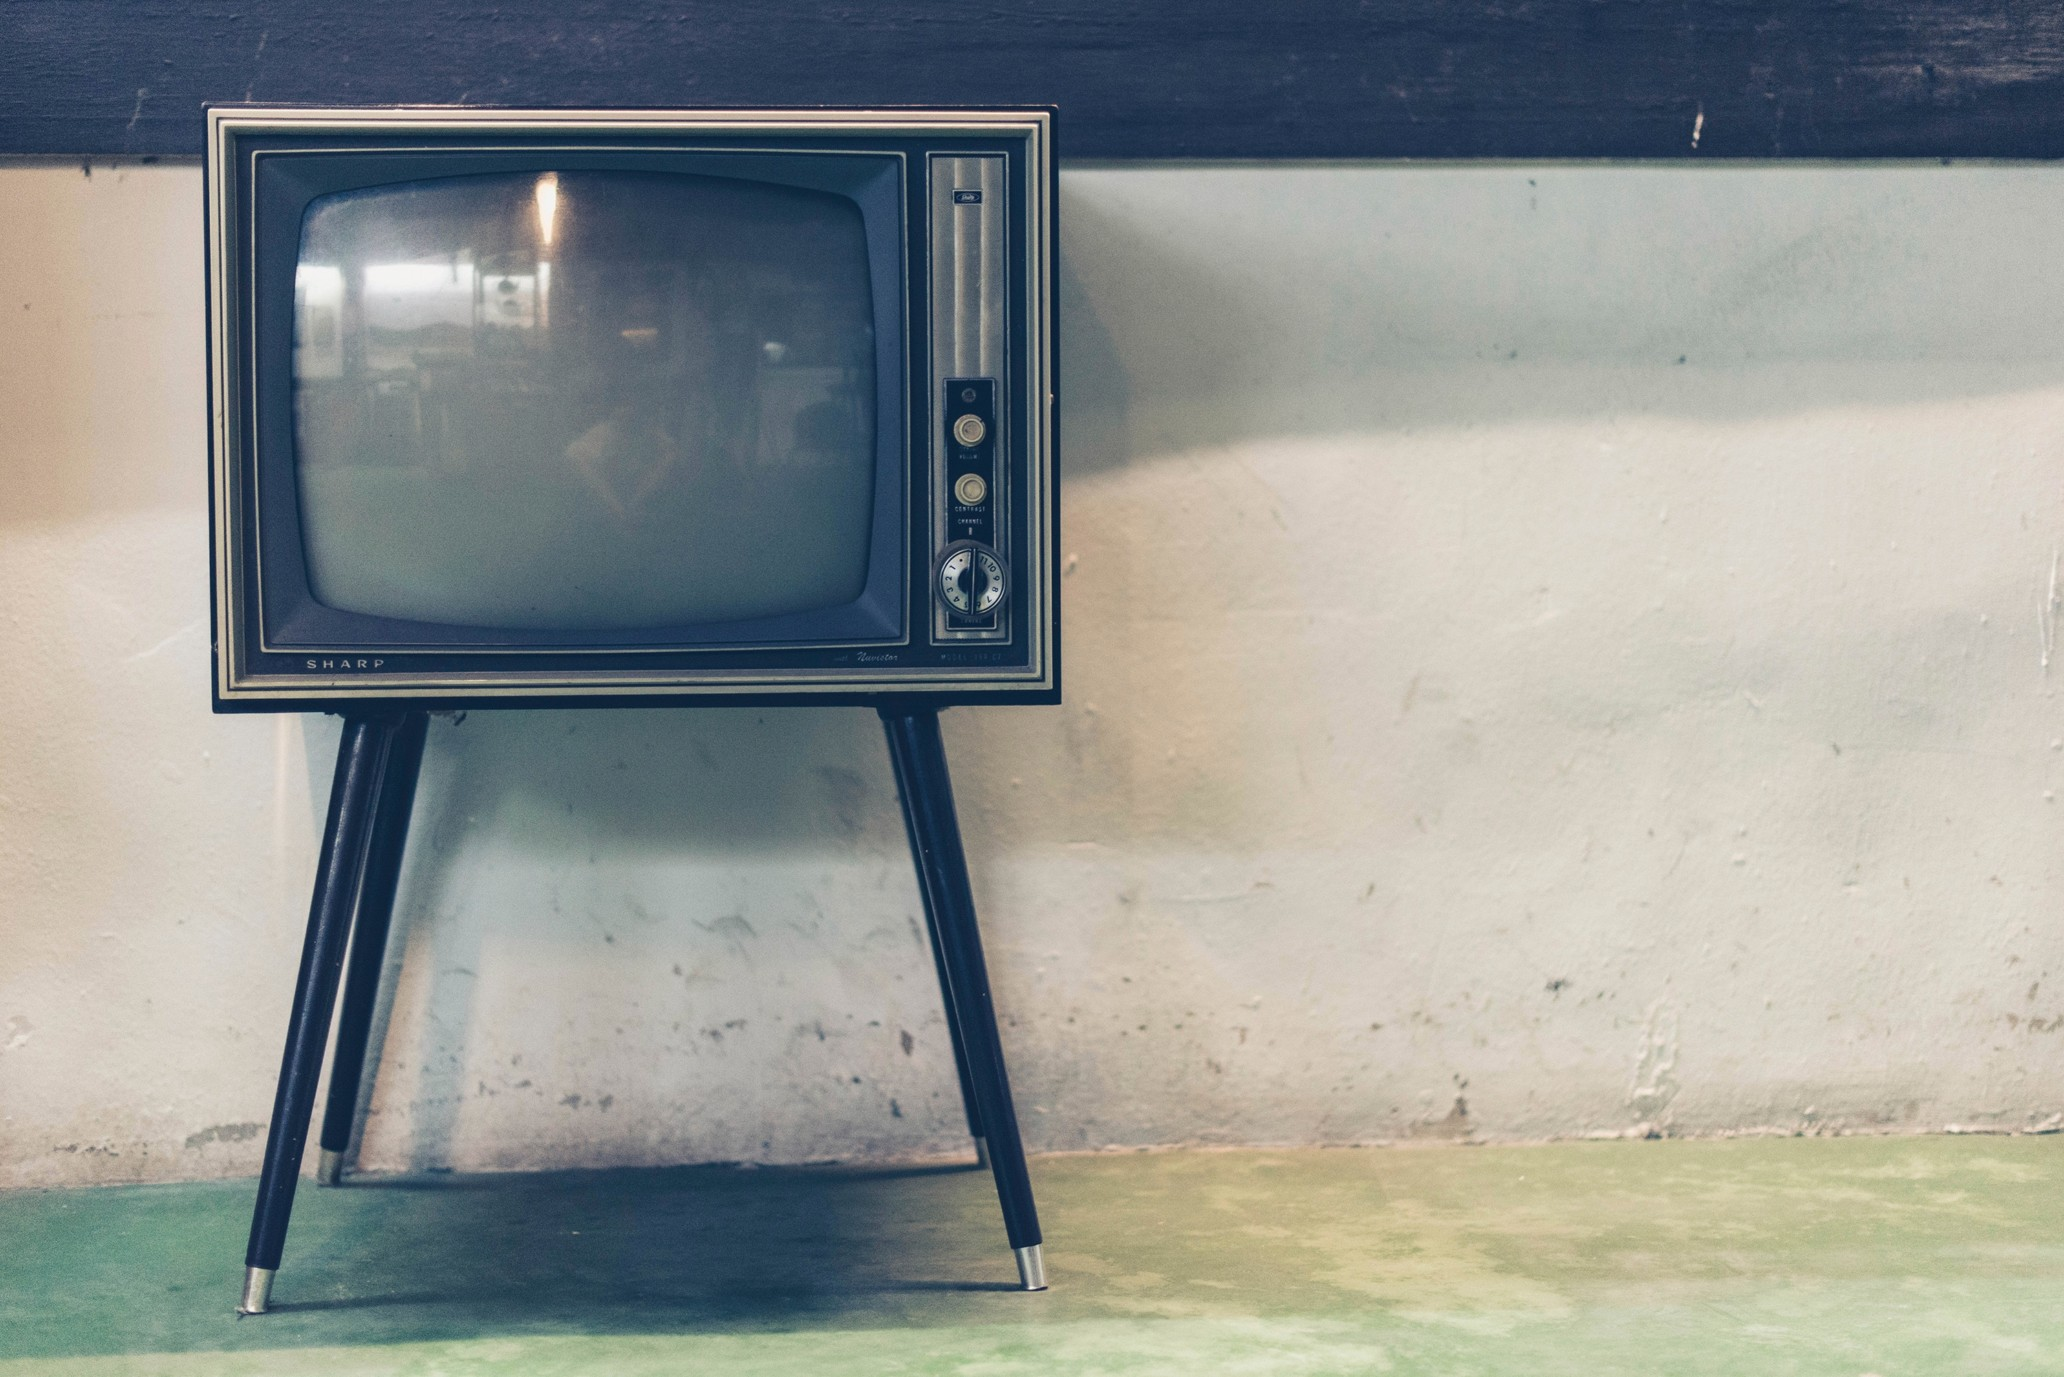 Aktuell tv werbung Produktvielfalt im